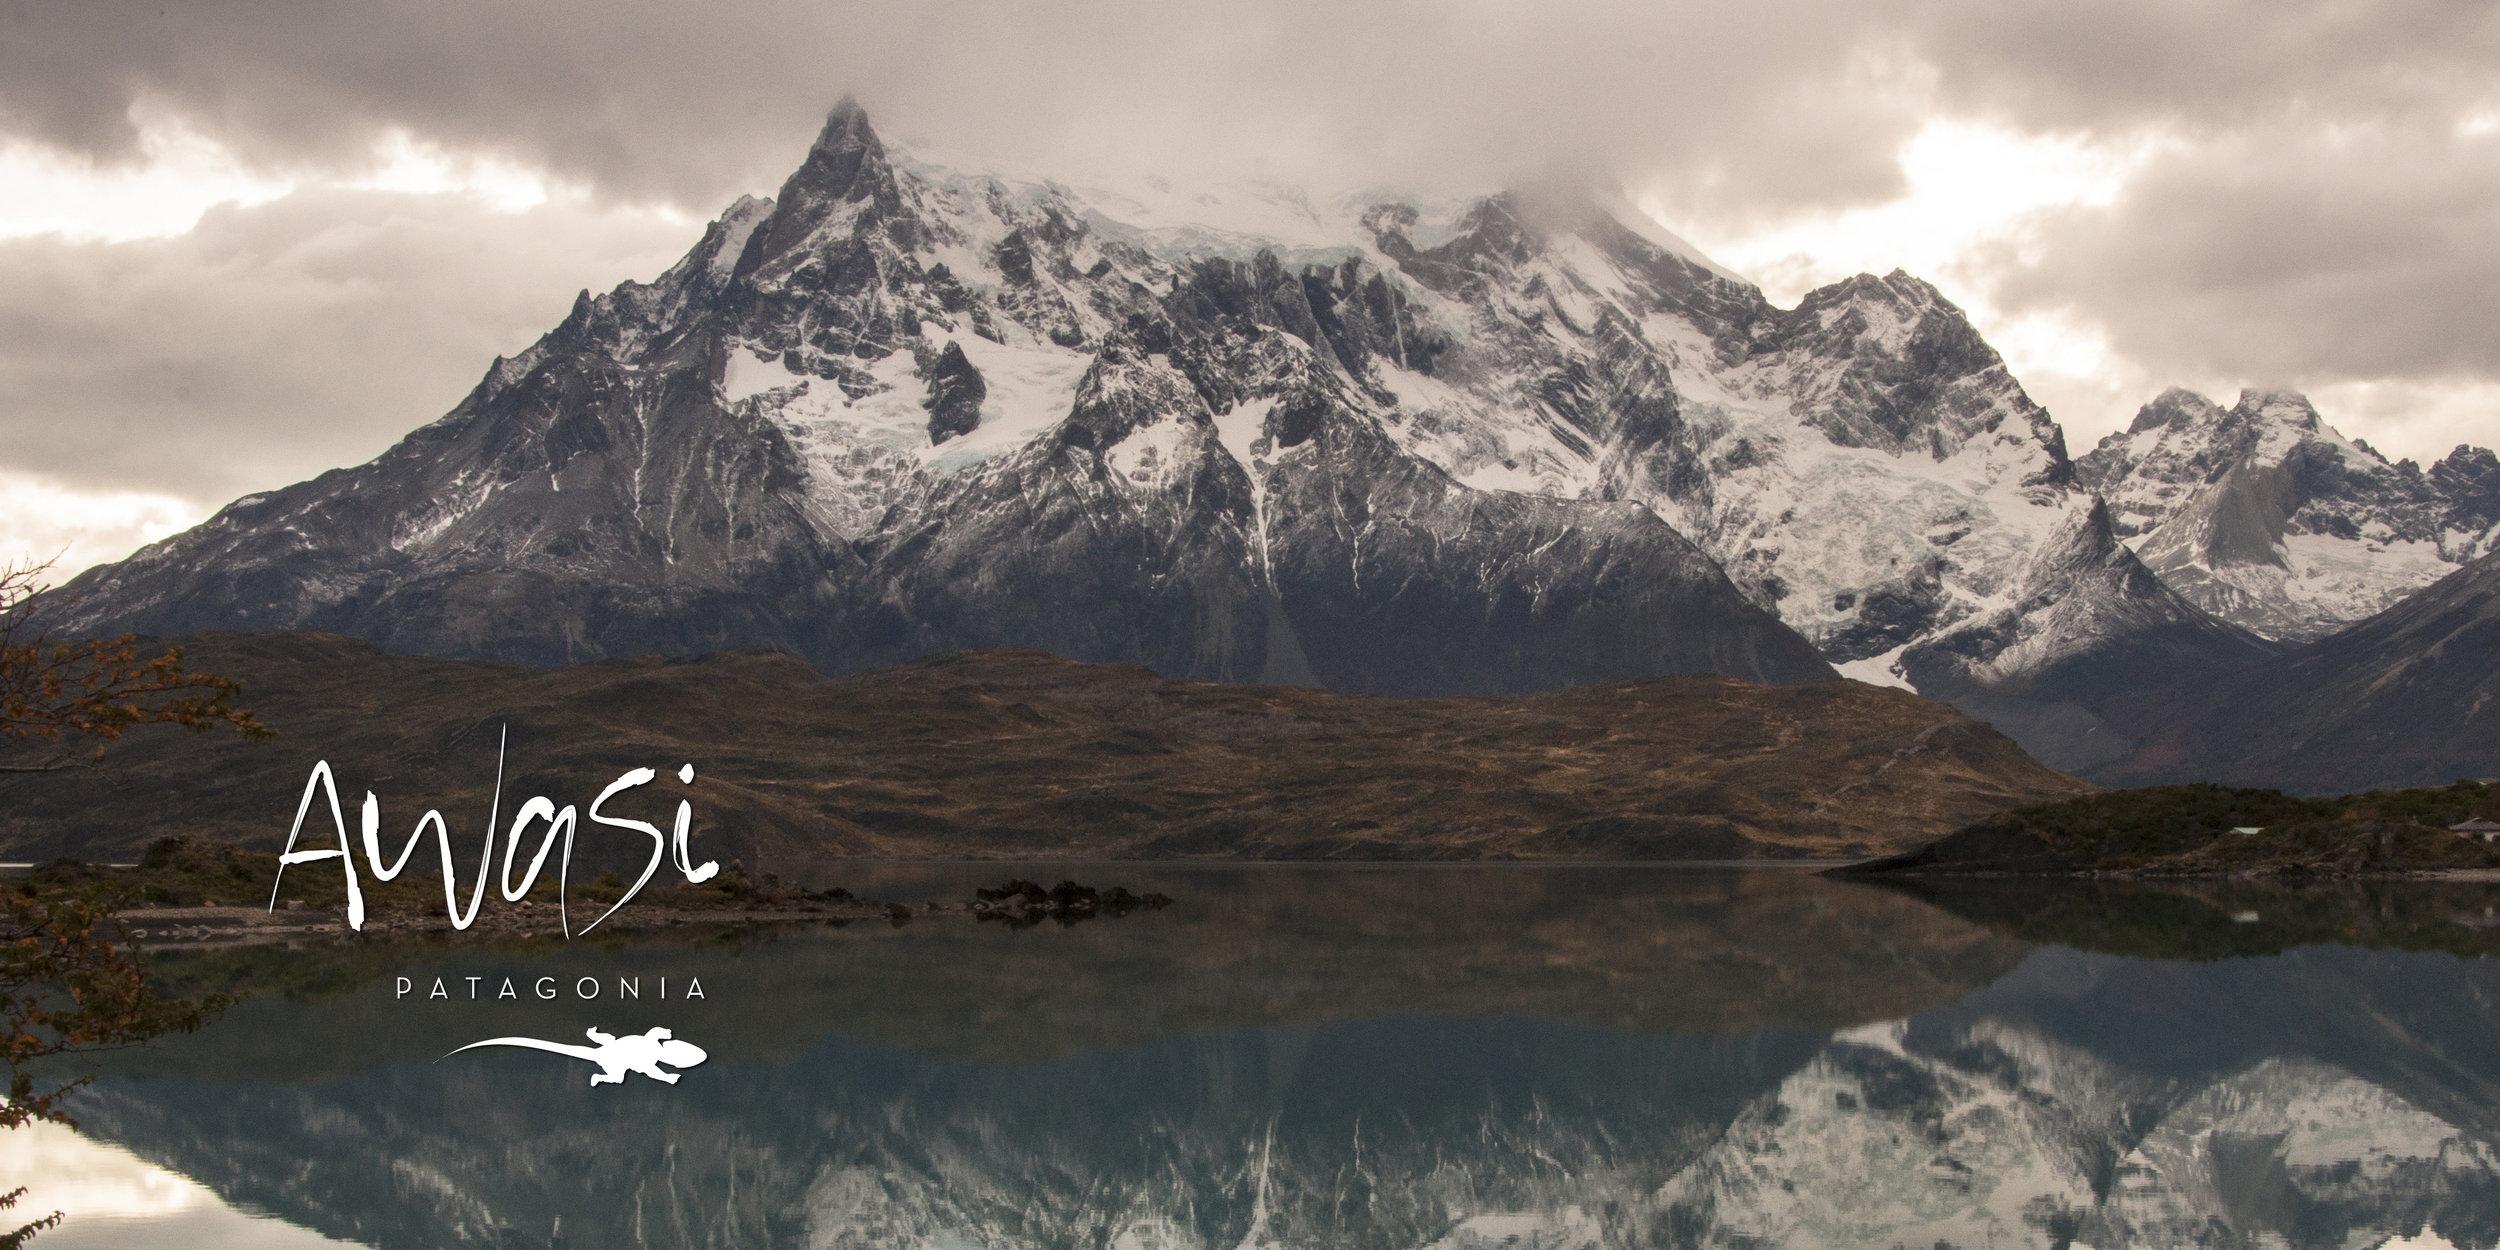 Awasi Patagonia Web Images1-2.jpg